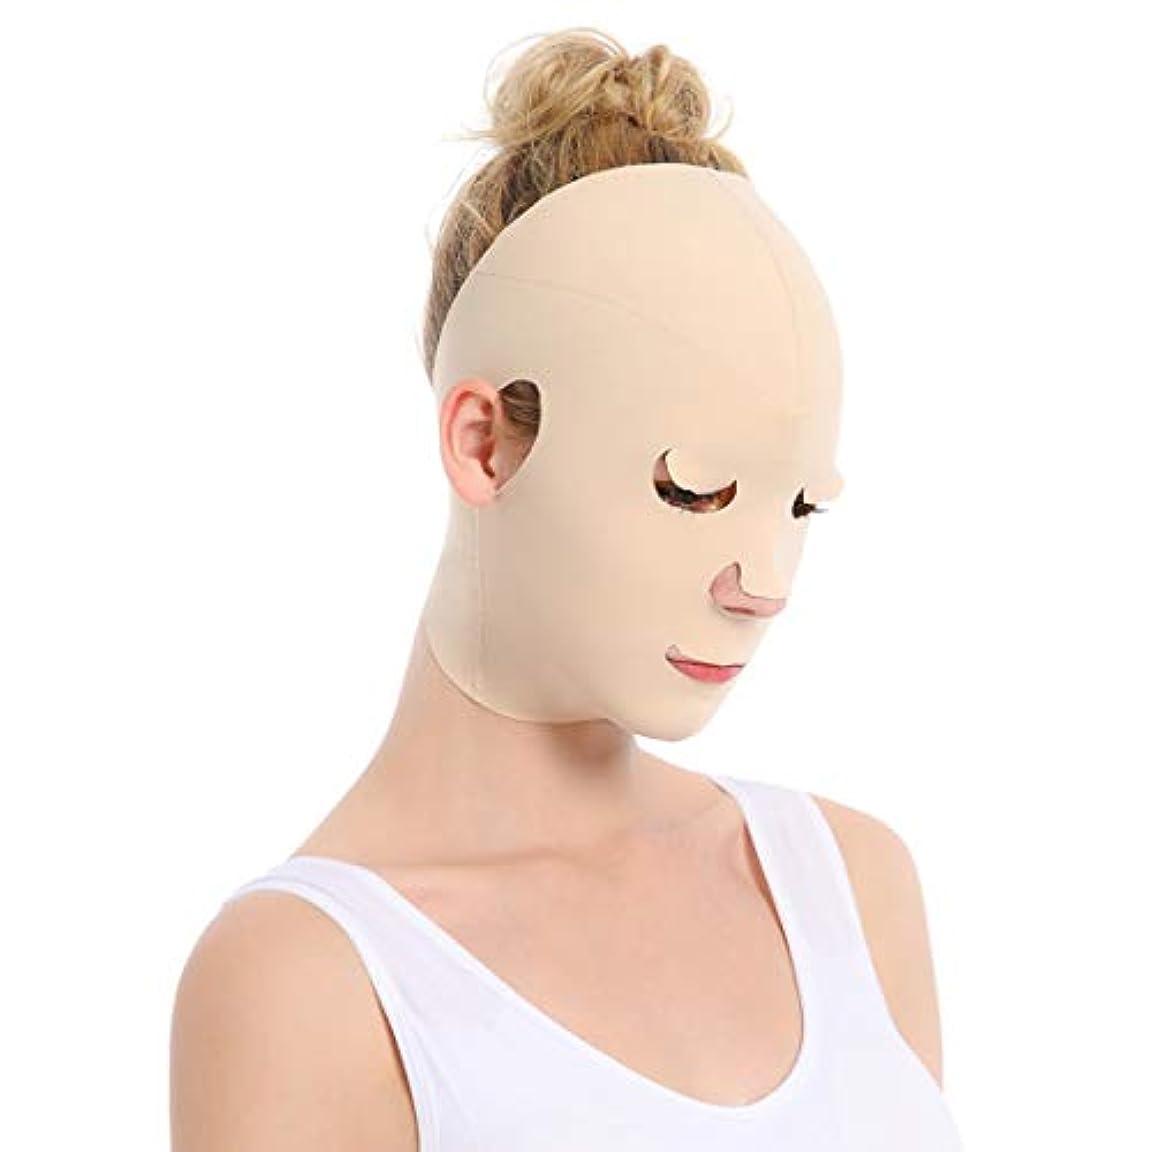 悲観主義者アストロラーベ進行中ZWBD フェイスマスク, 薄い顔包帯理学療法フェースリフトアーチファクト肌睡眠マスクVフェース包帯リフティング引き締めホワイトニング傷修理能力